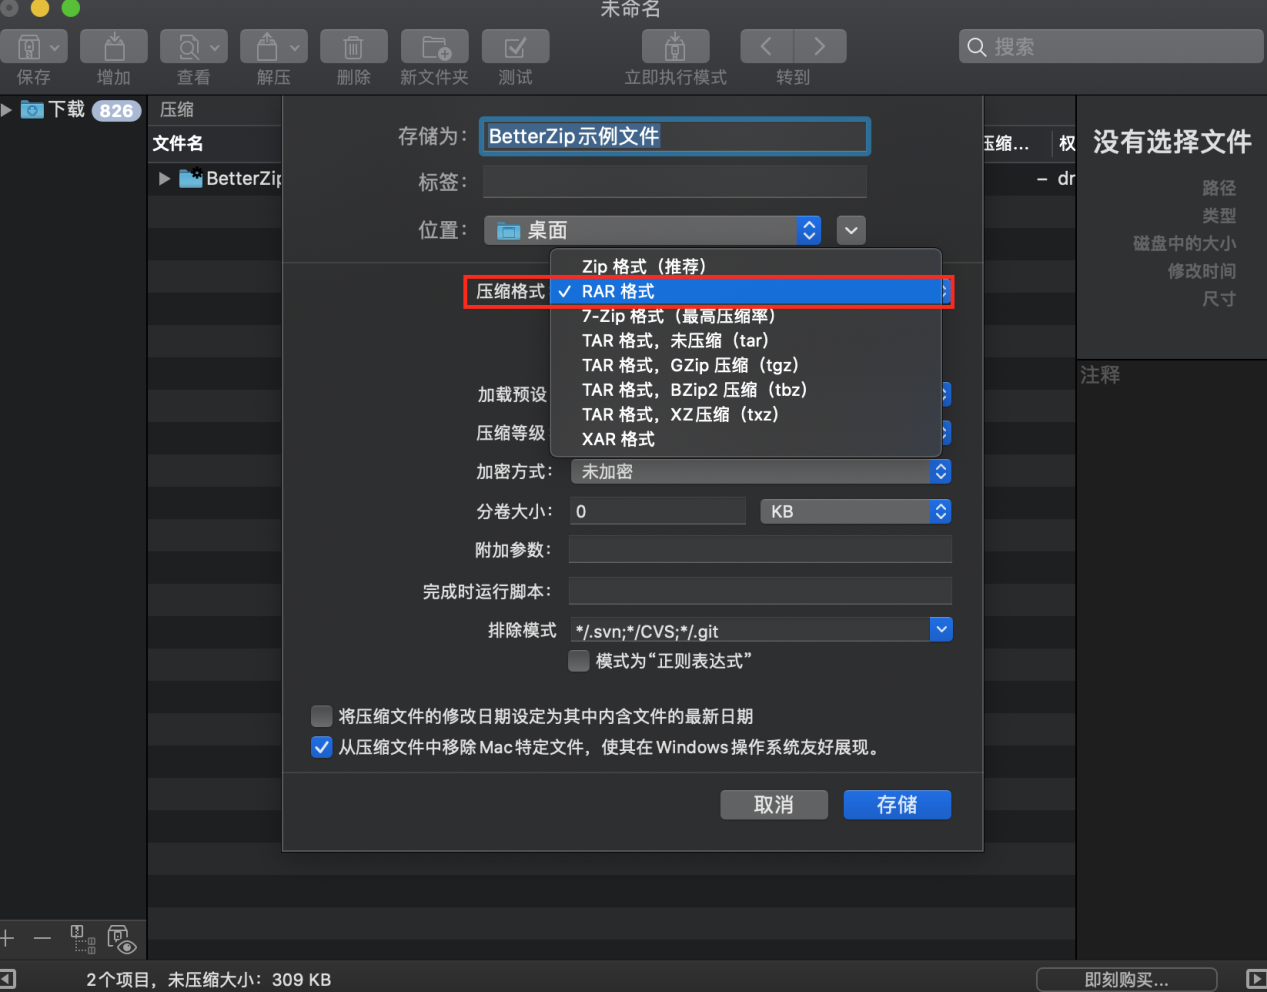 使用BetterZip將文件壓縮成rar格式